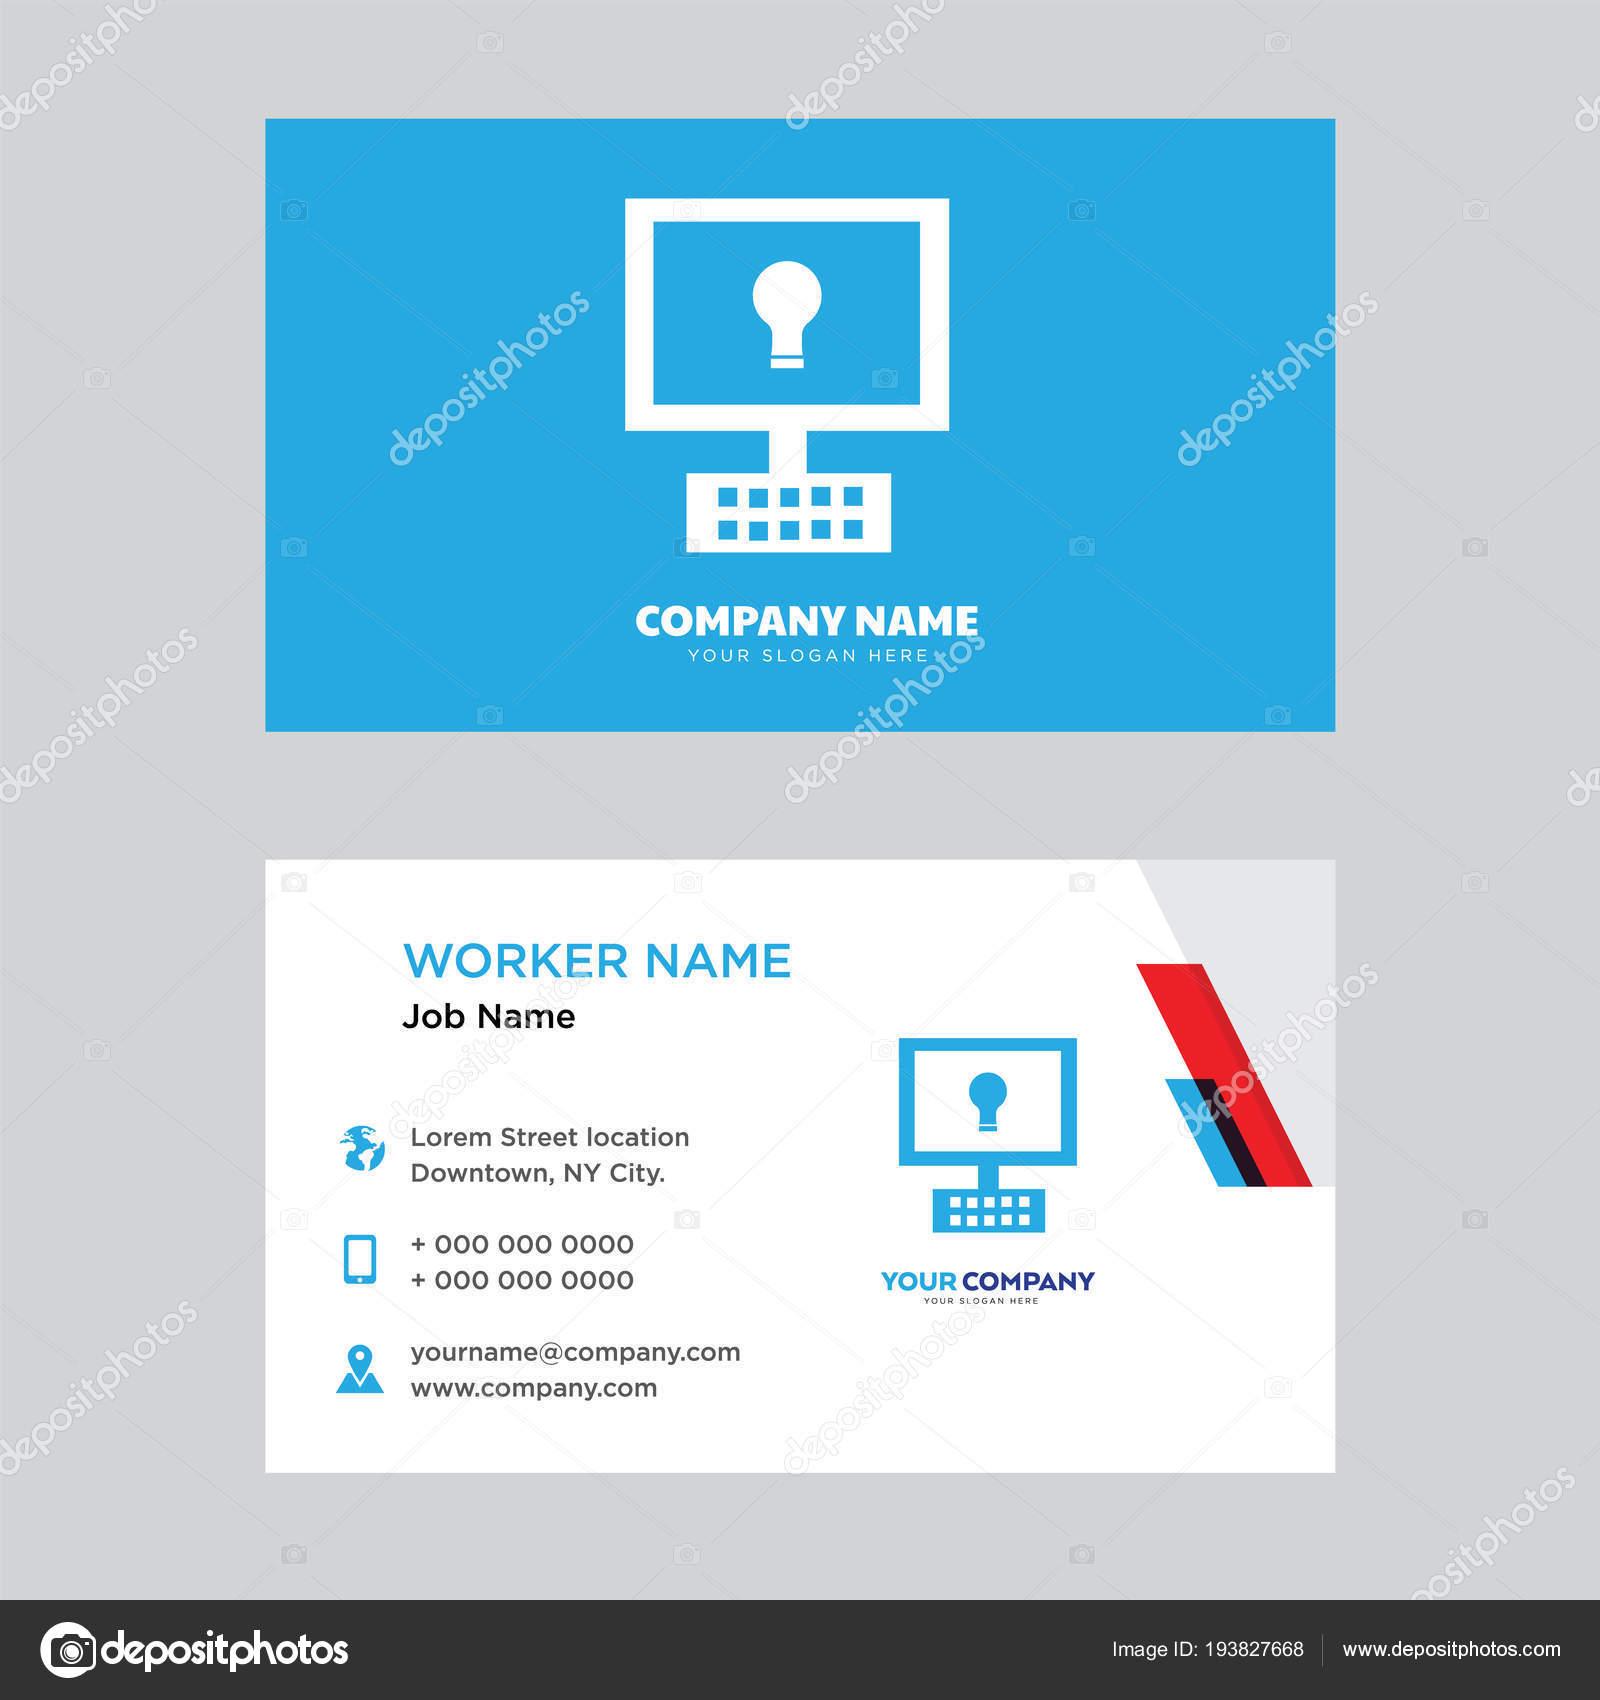 Avantages De La Carte Professionnelle Infographie Image Vectorielle